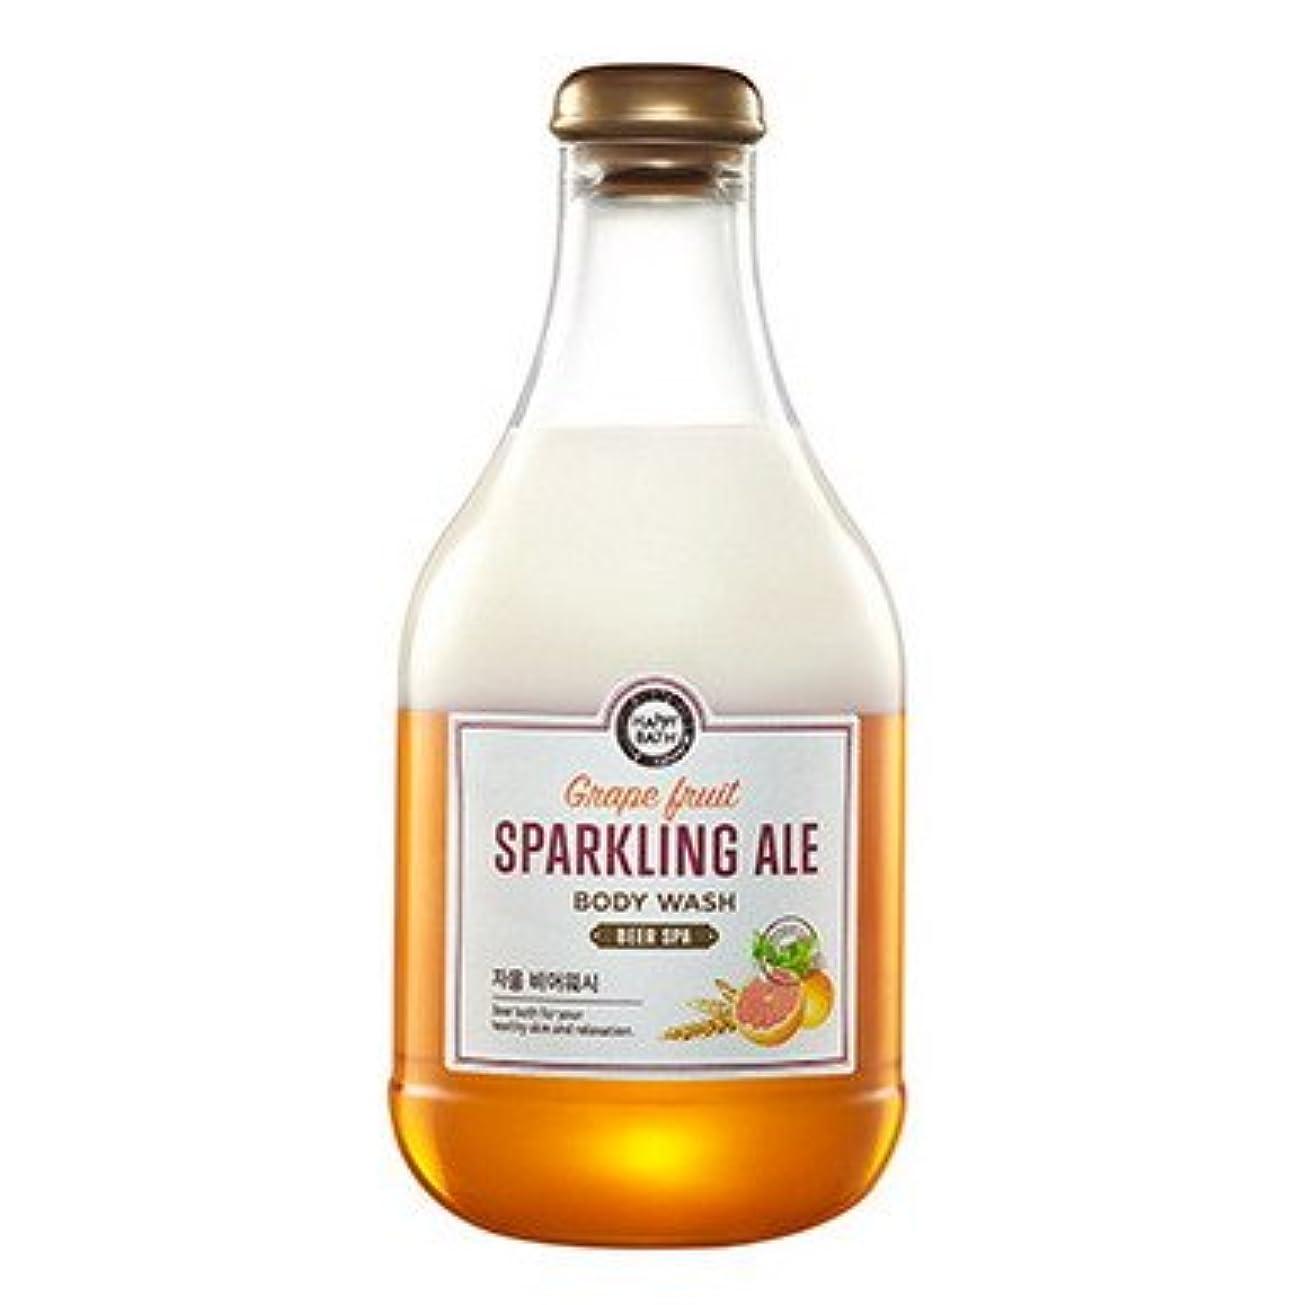 酸化する完璧なログ【Happy Bath】ビールスパ ボディウォッシュ 300ml (4種類選択1) (グレープフルーツビール) [並行輸入品]